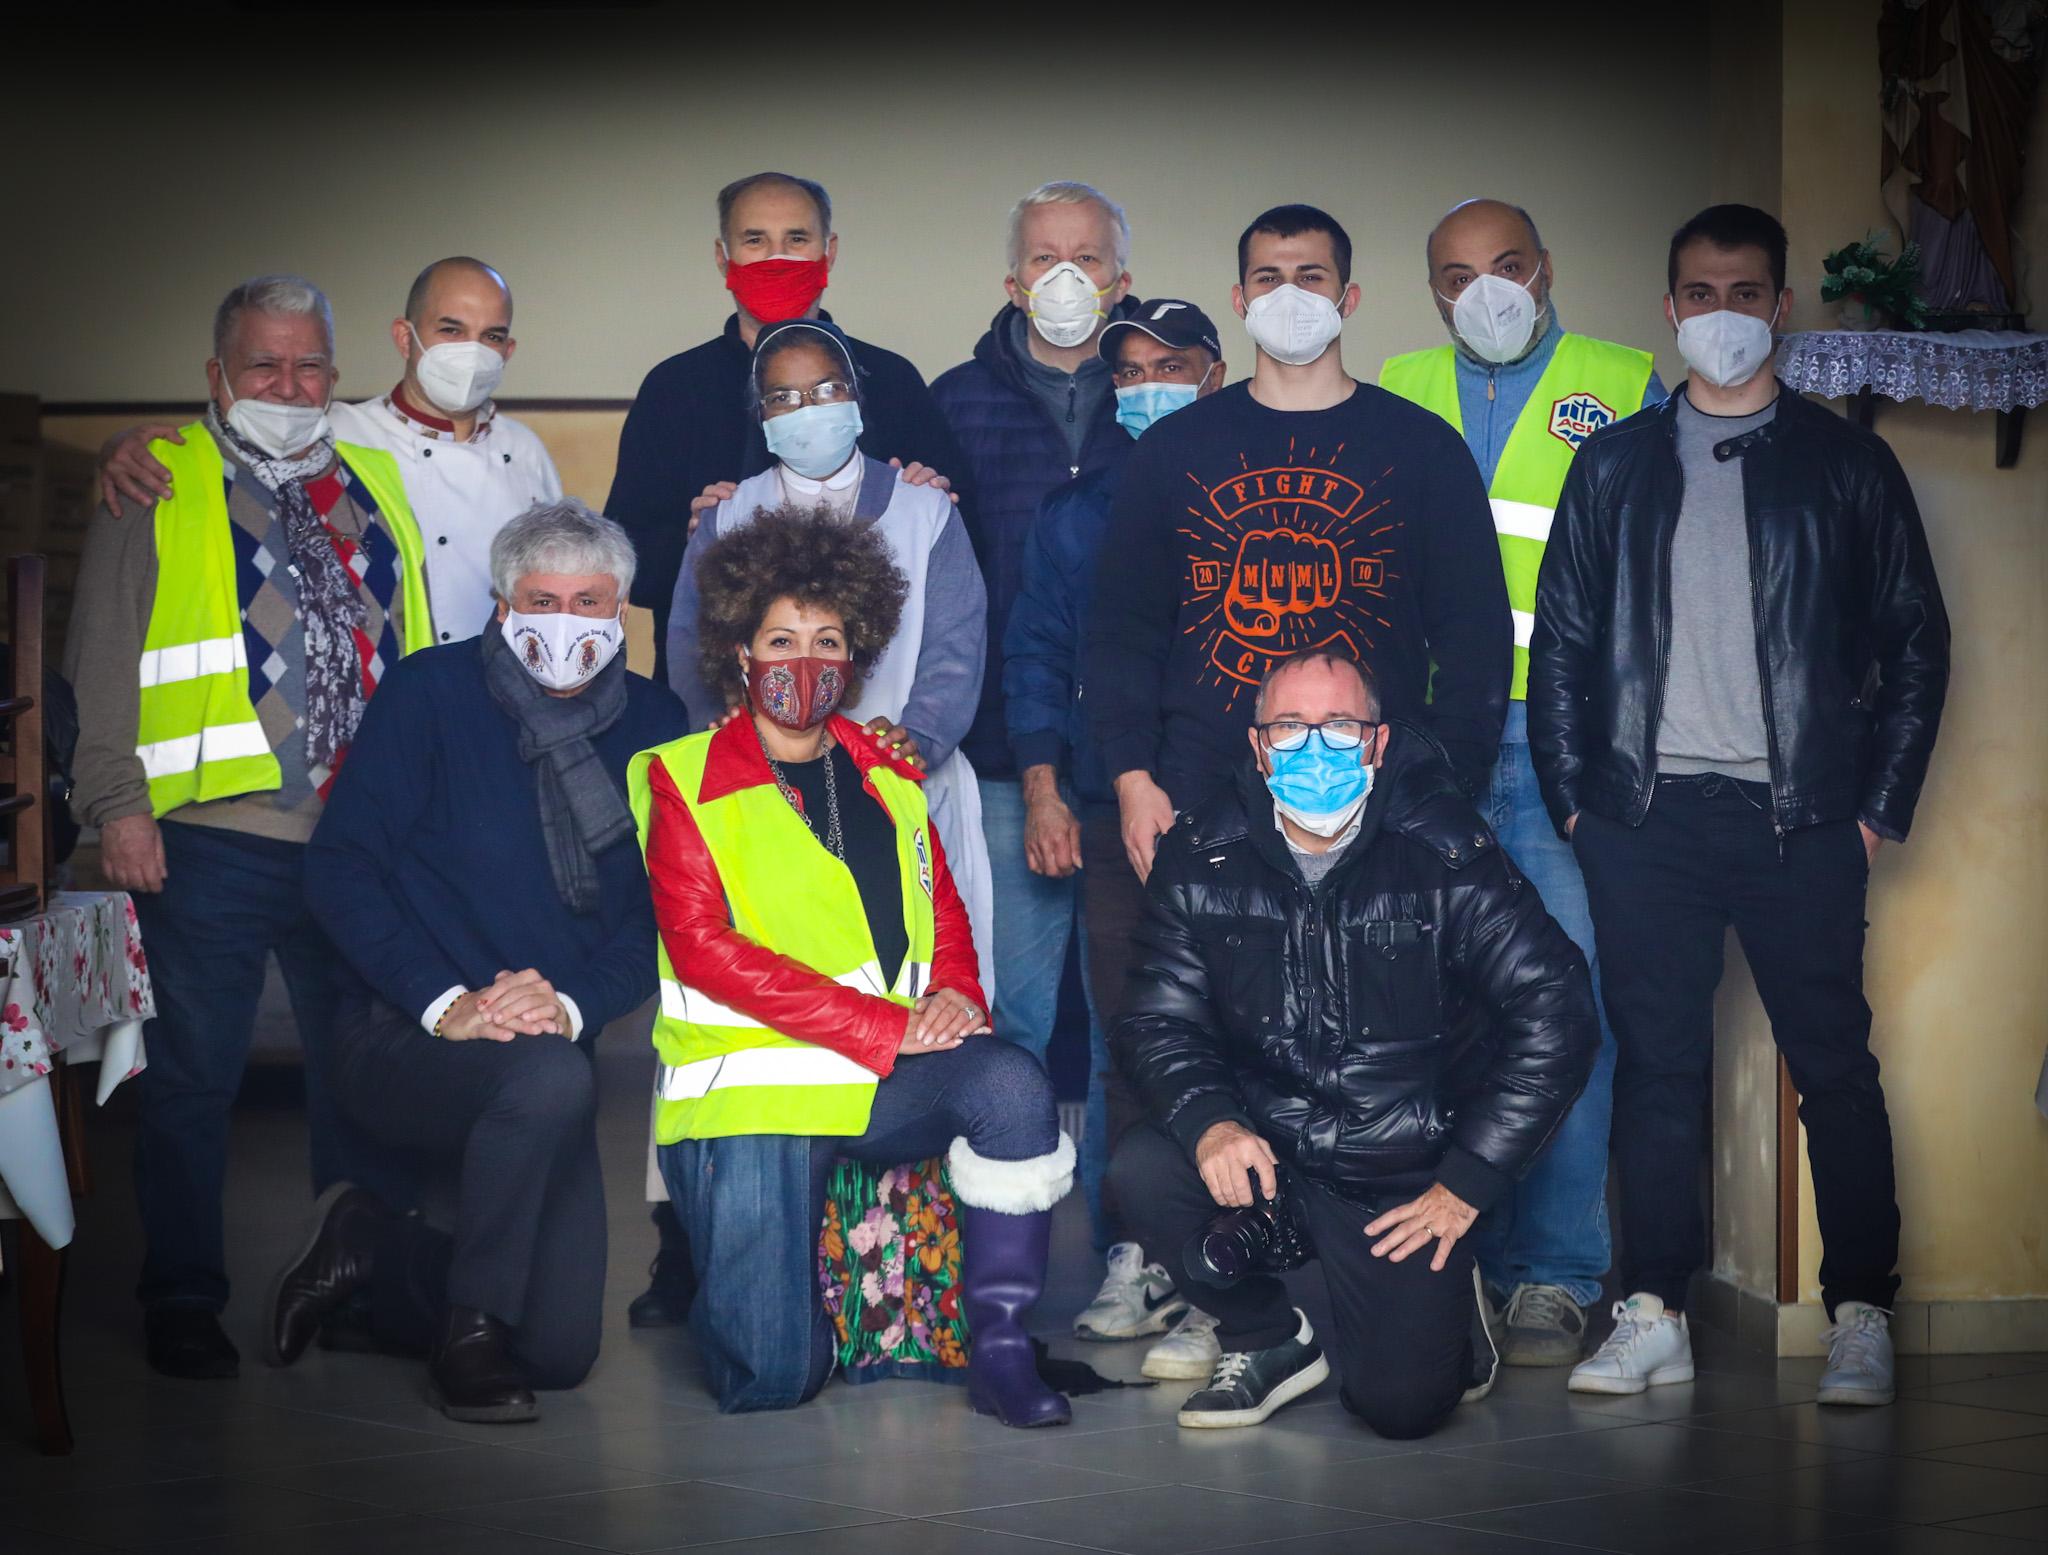 Acli Provinciale Napoli, l'artista M'Barka Ben Taleb e l'editore Giammarino in campo per il Natale delle guide turistiche e degli artisti di strada